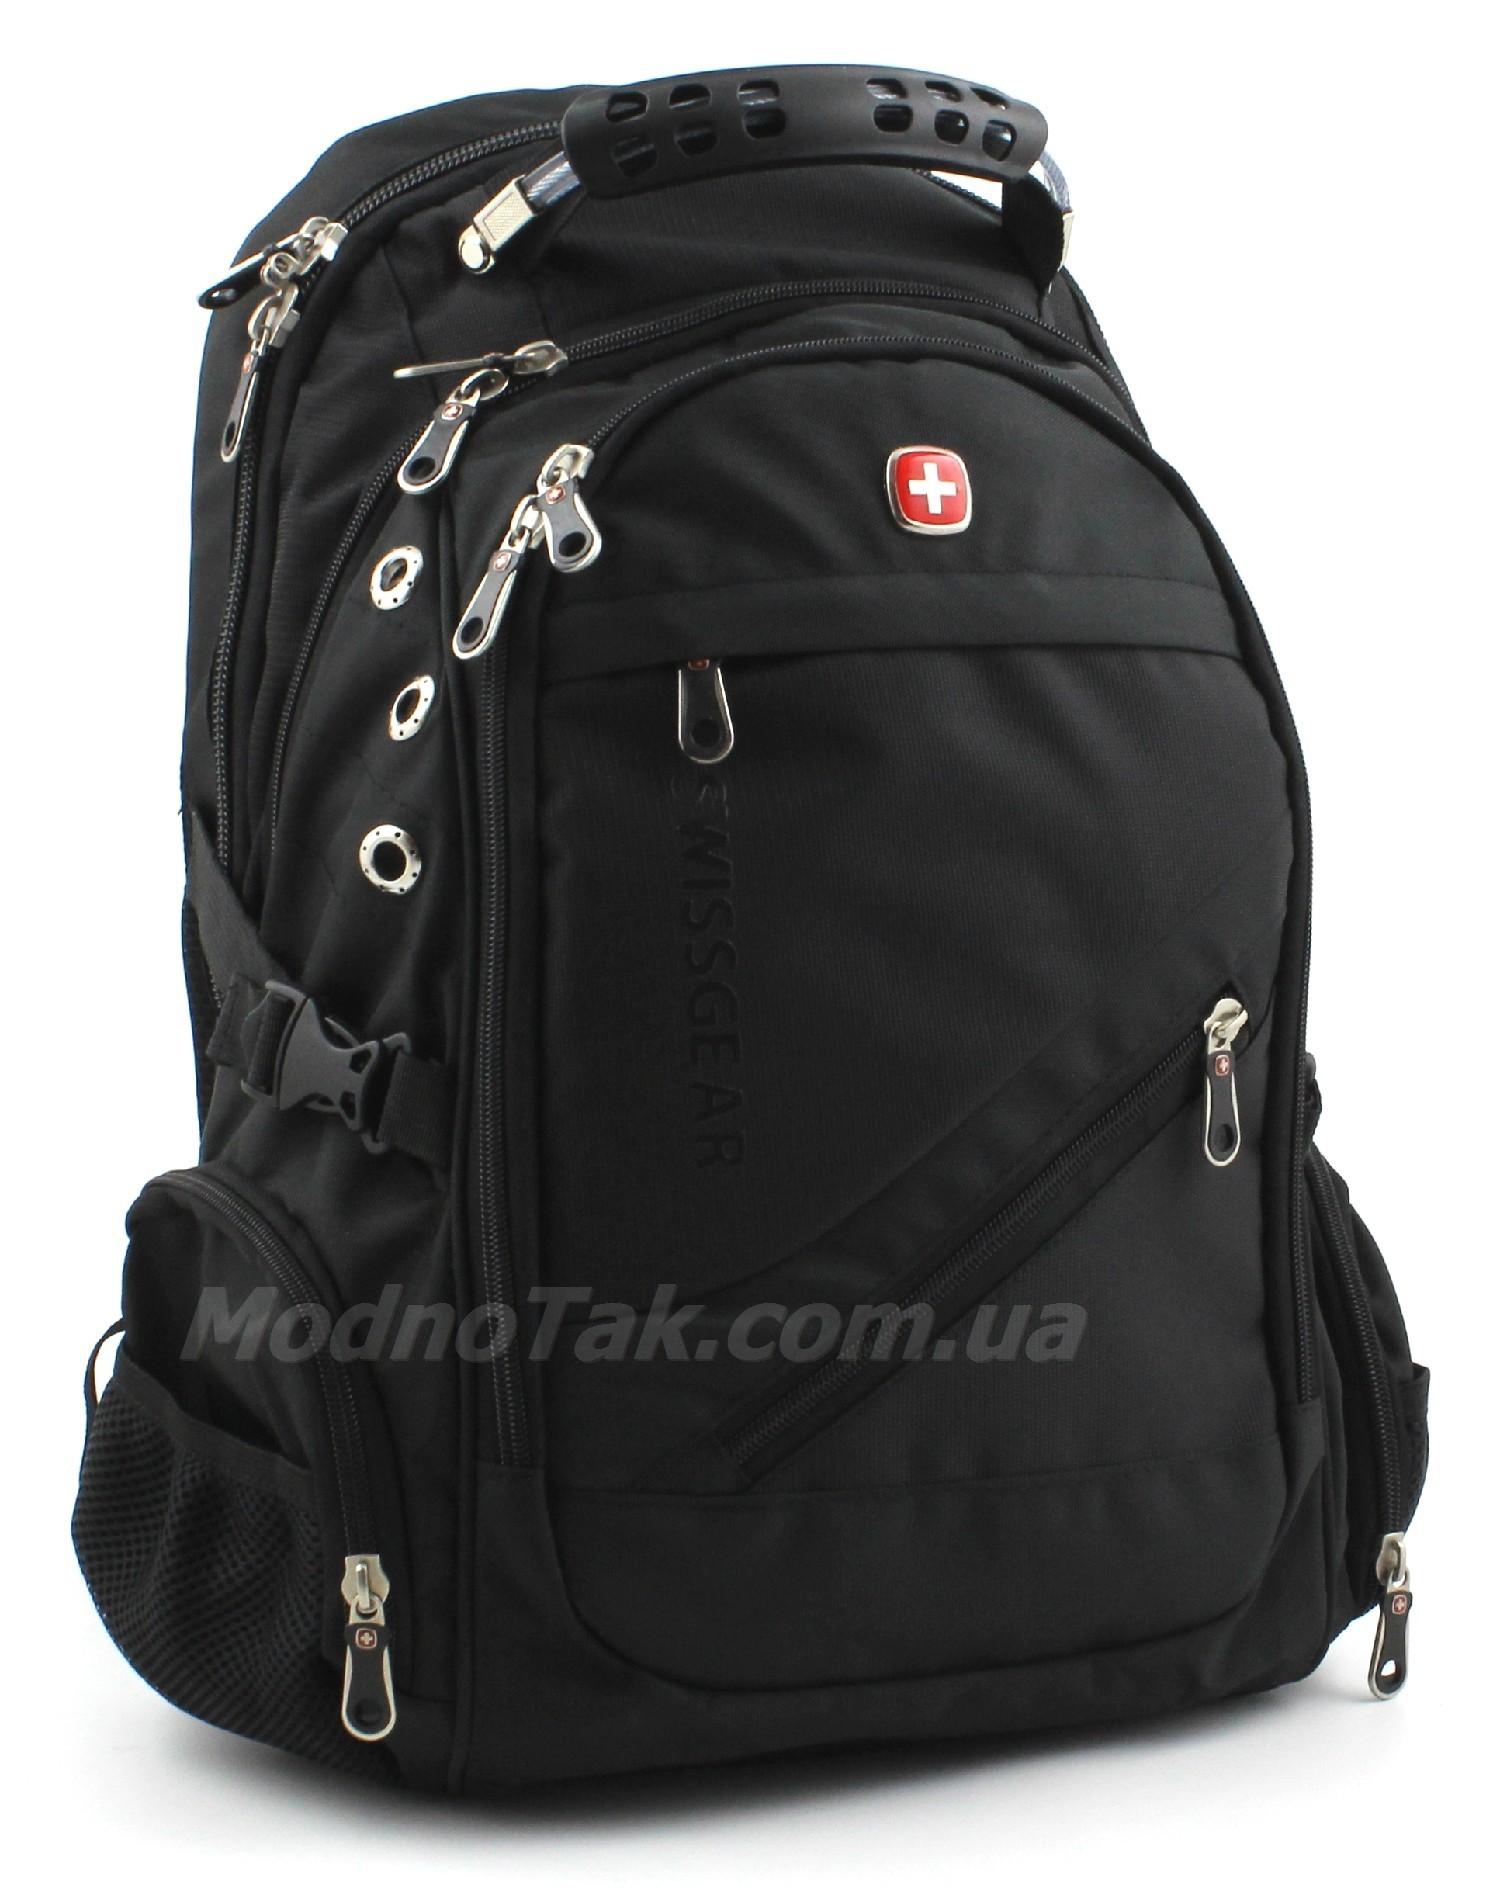 1f6d0feb Универсальный городской рюкзак с отделением под ноутбук SWISSGEAR (8810)